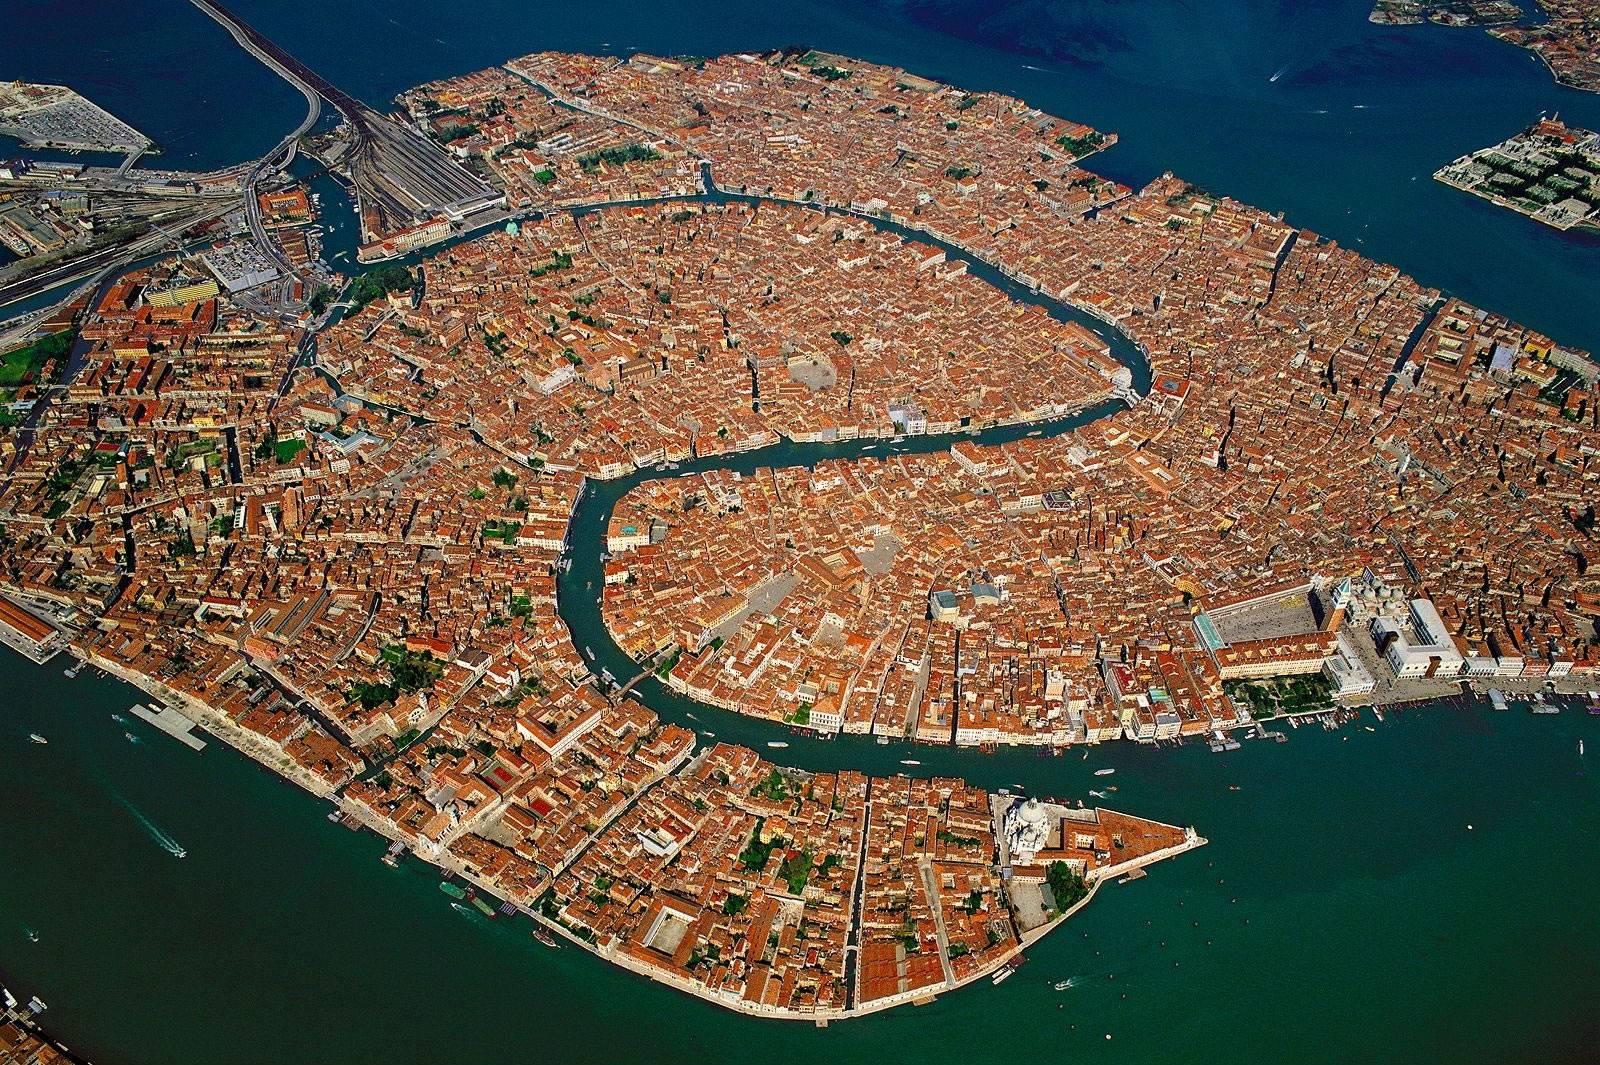 La baja incidencia de crímenes en Venecia, Italia, le convierten en una localidad idónea para probar la tecnología X-law (Imgur)